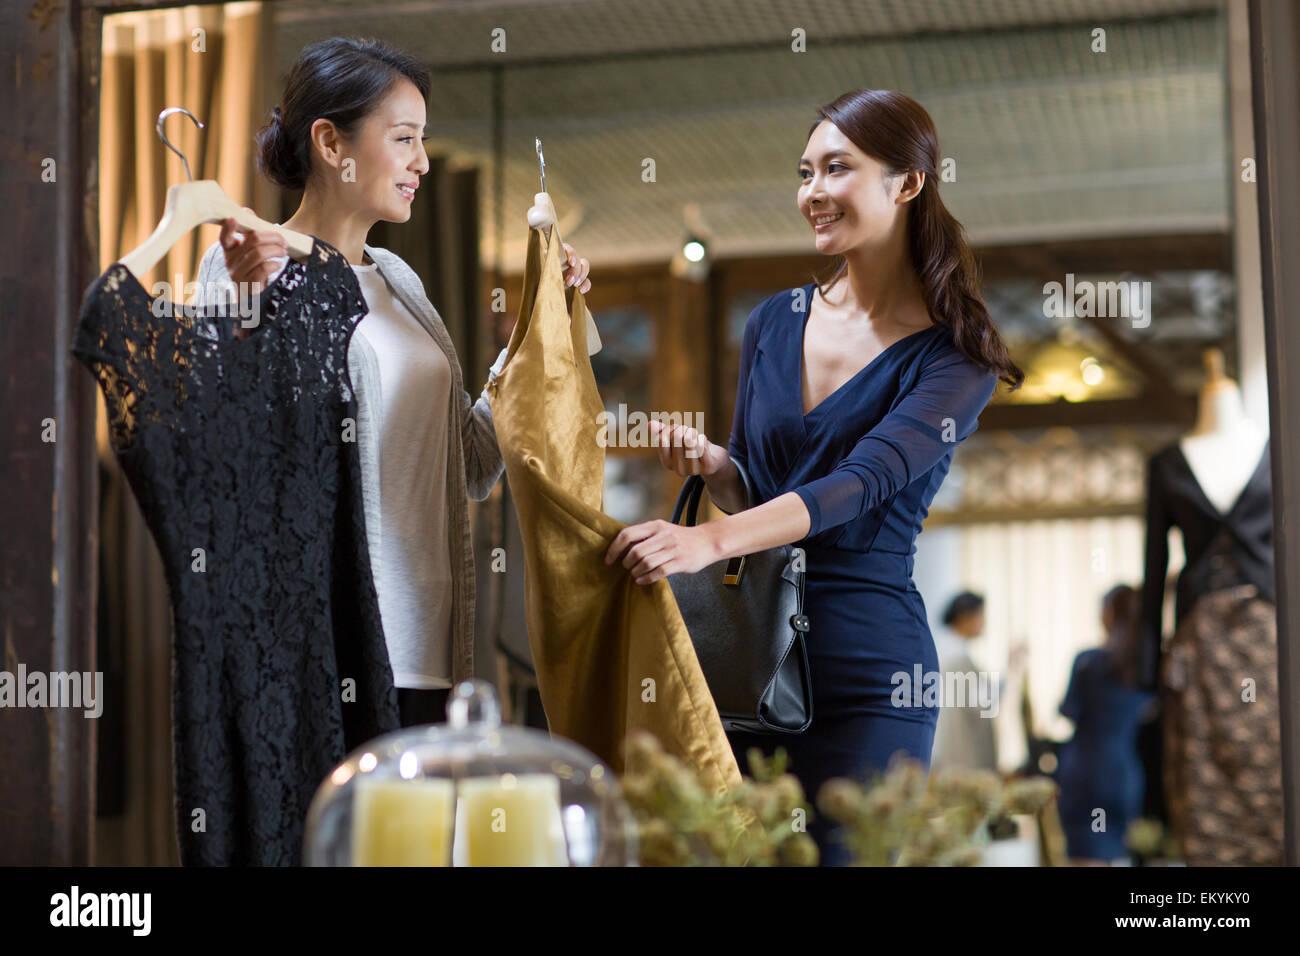 Propriétaire de magasin de vêtements d'aide aux clients avec le choix d'habiller Photo Stock